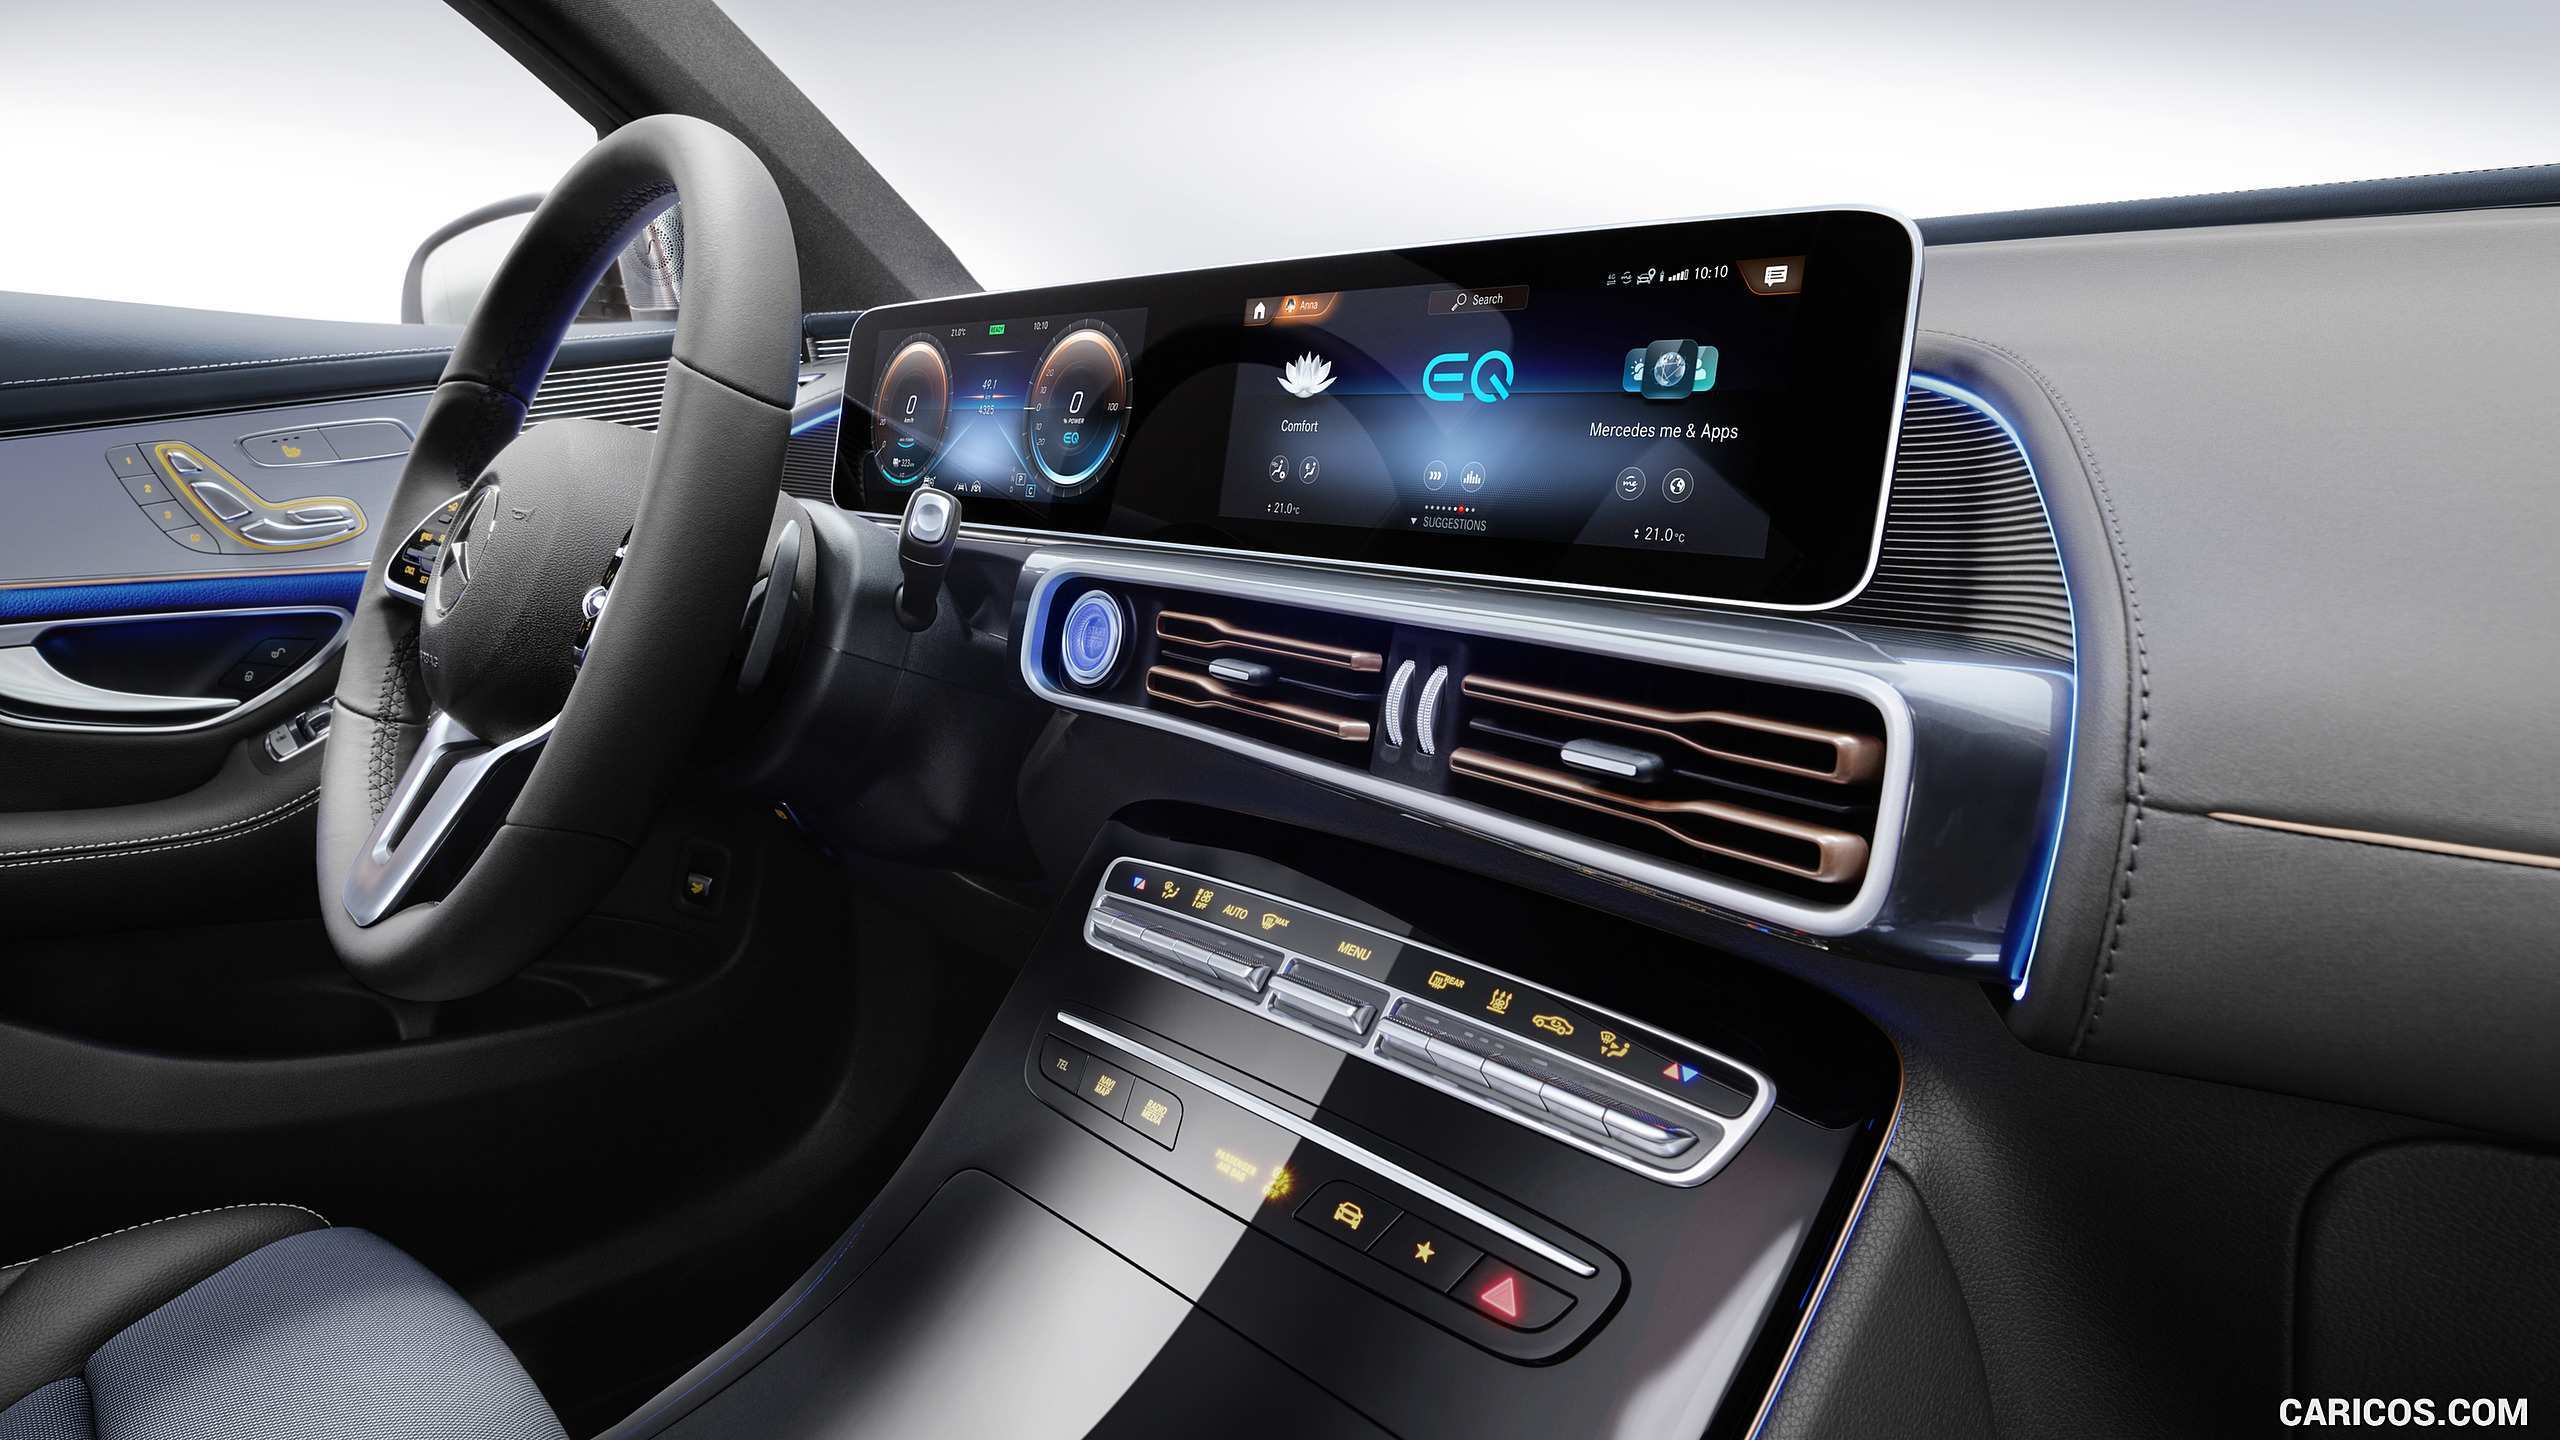 39 Concept of Mercedes Benz Eqc 2020 Photos by Mercedes Benz Eqc 2020